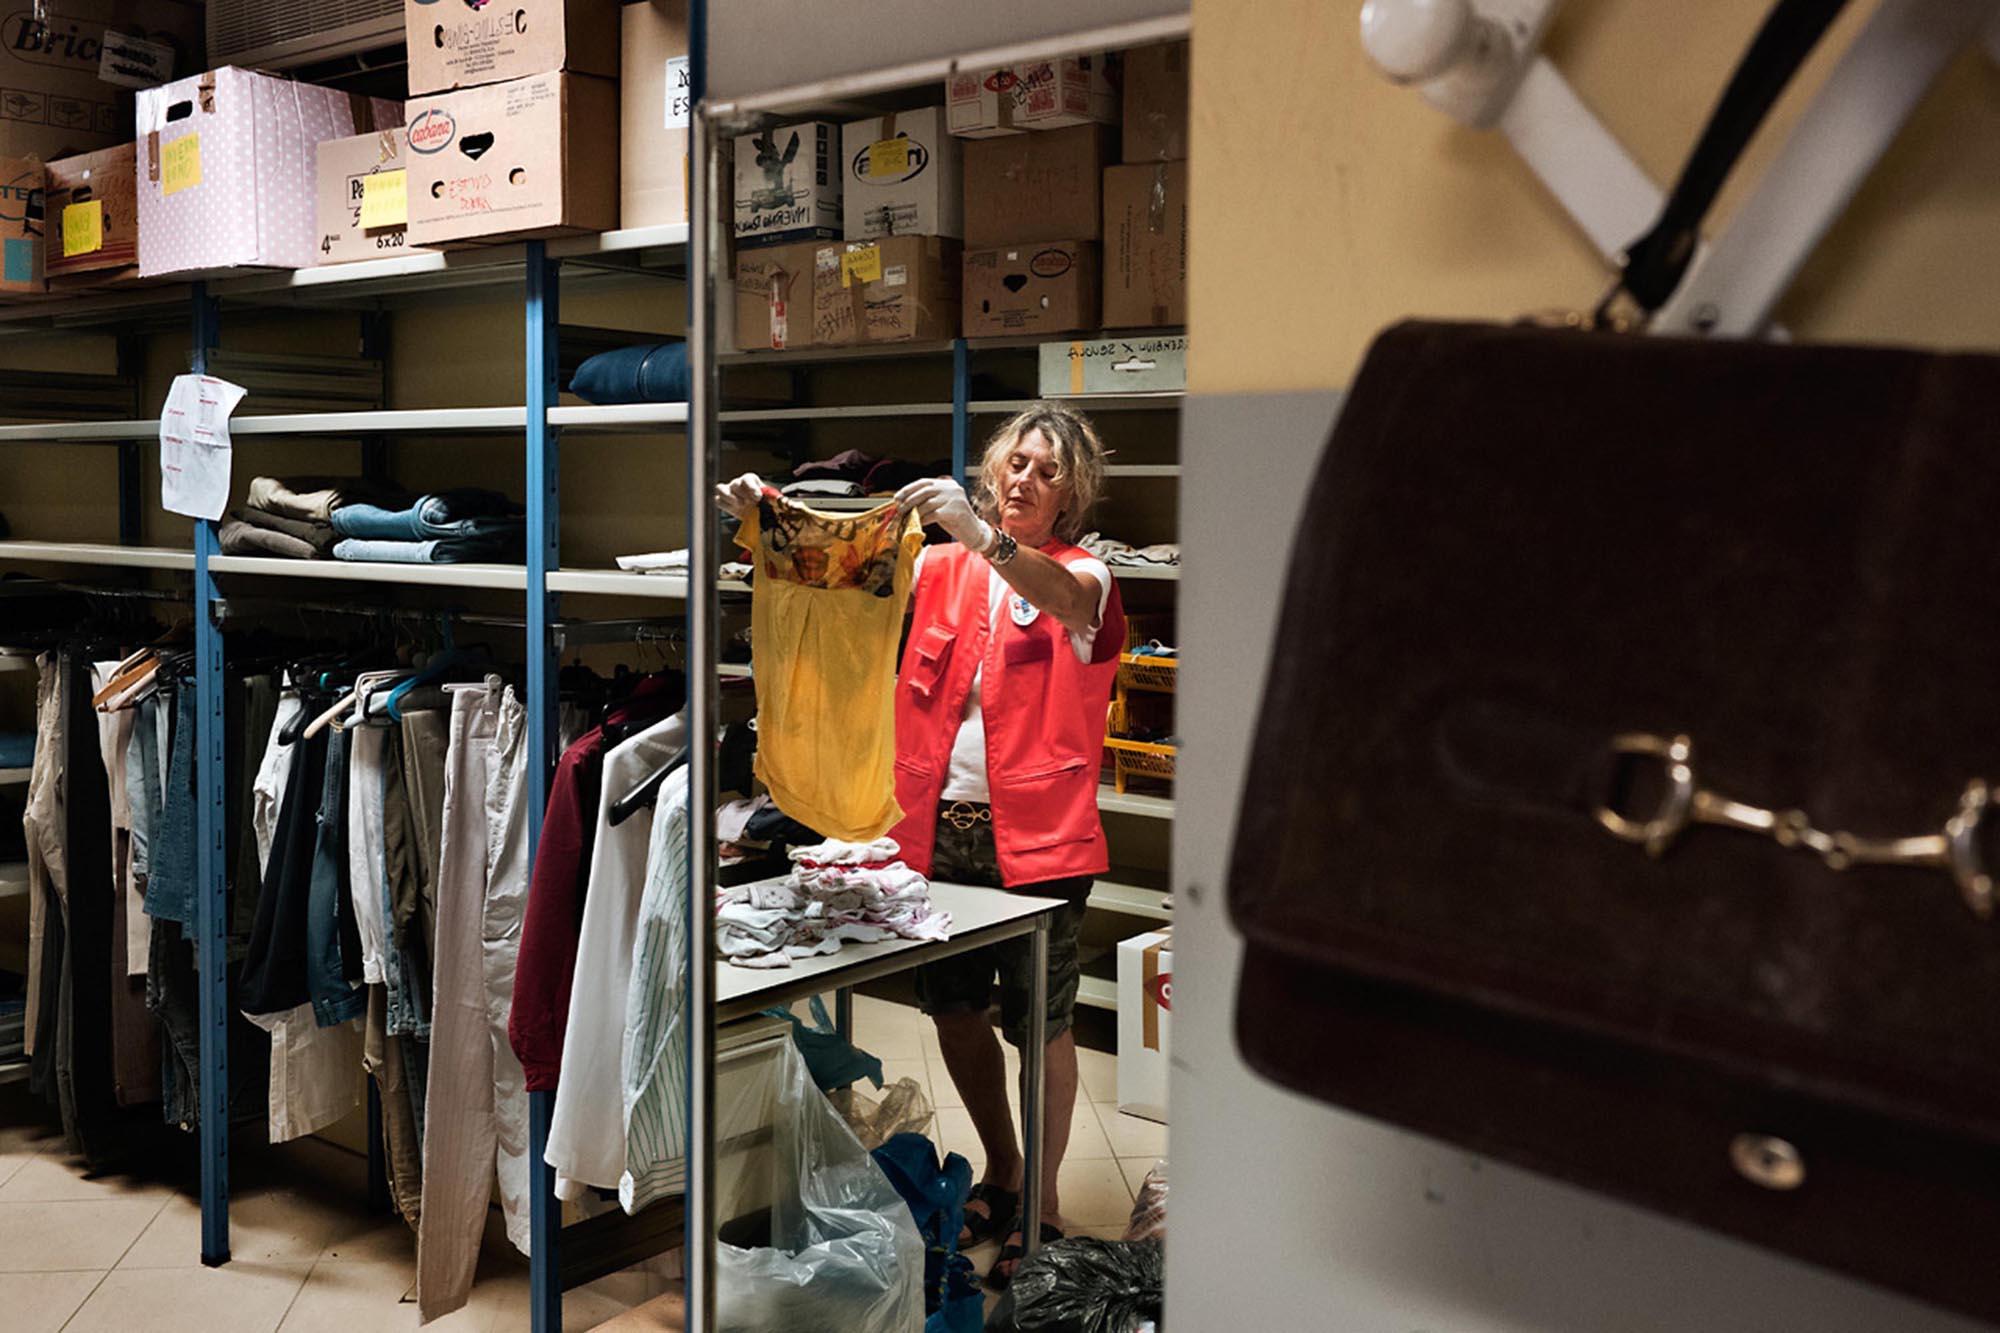 0037 riciclo distribuzione abiti usati - Storie di volontariato toscano